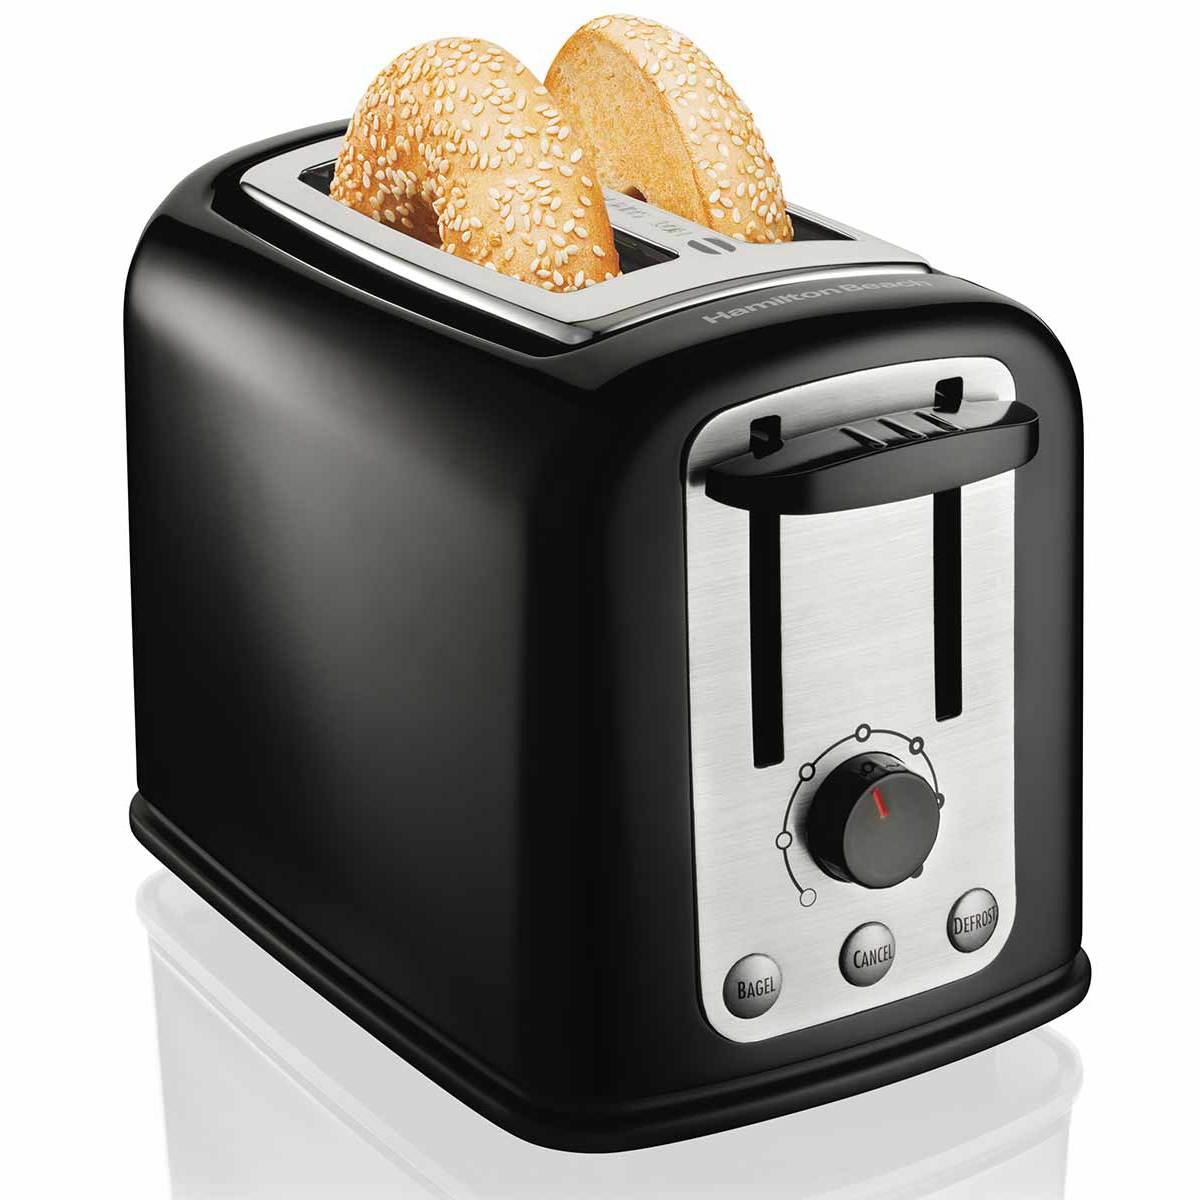 Hamilton Beach Smarttoast 174 Wide Slot Toaster 22444